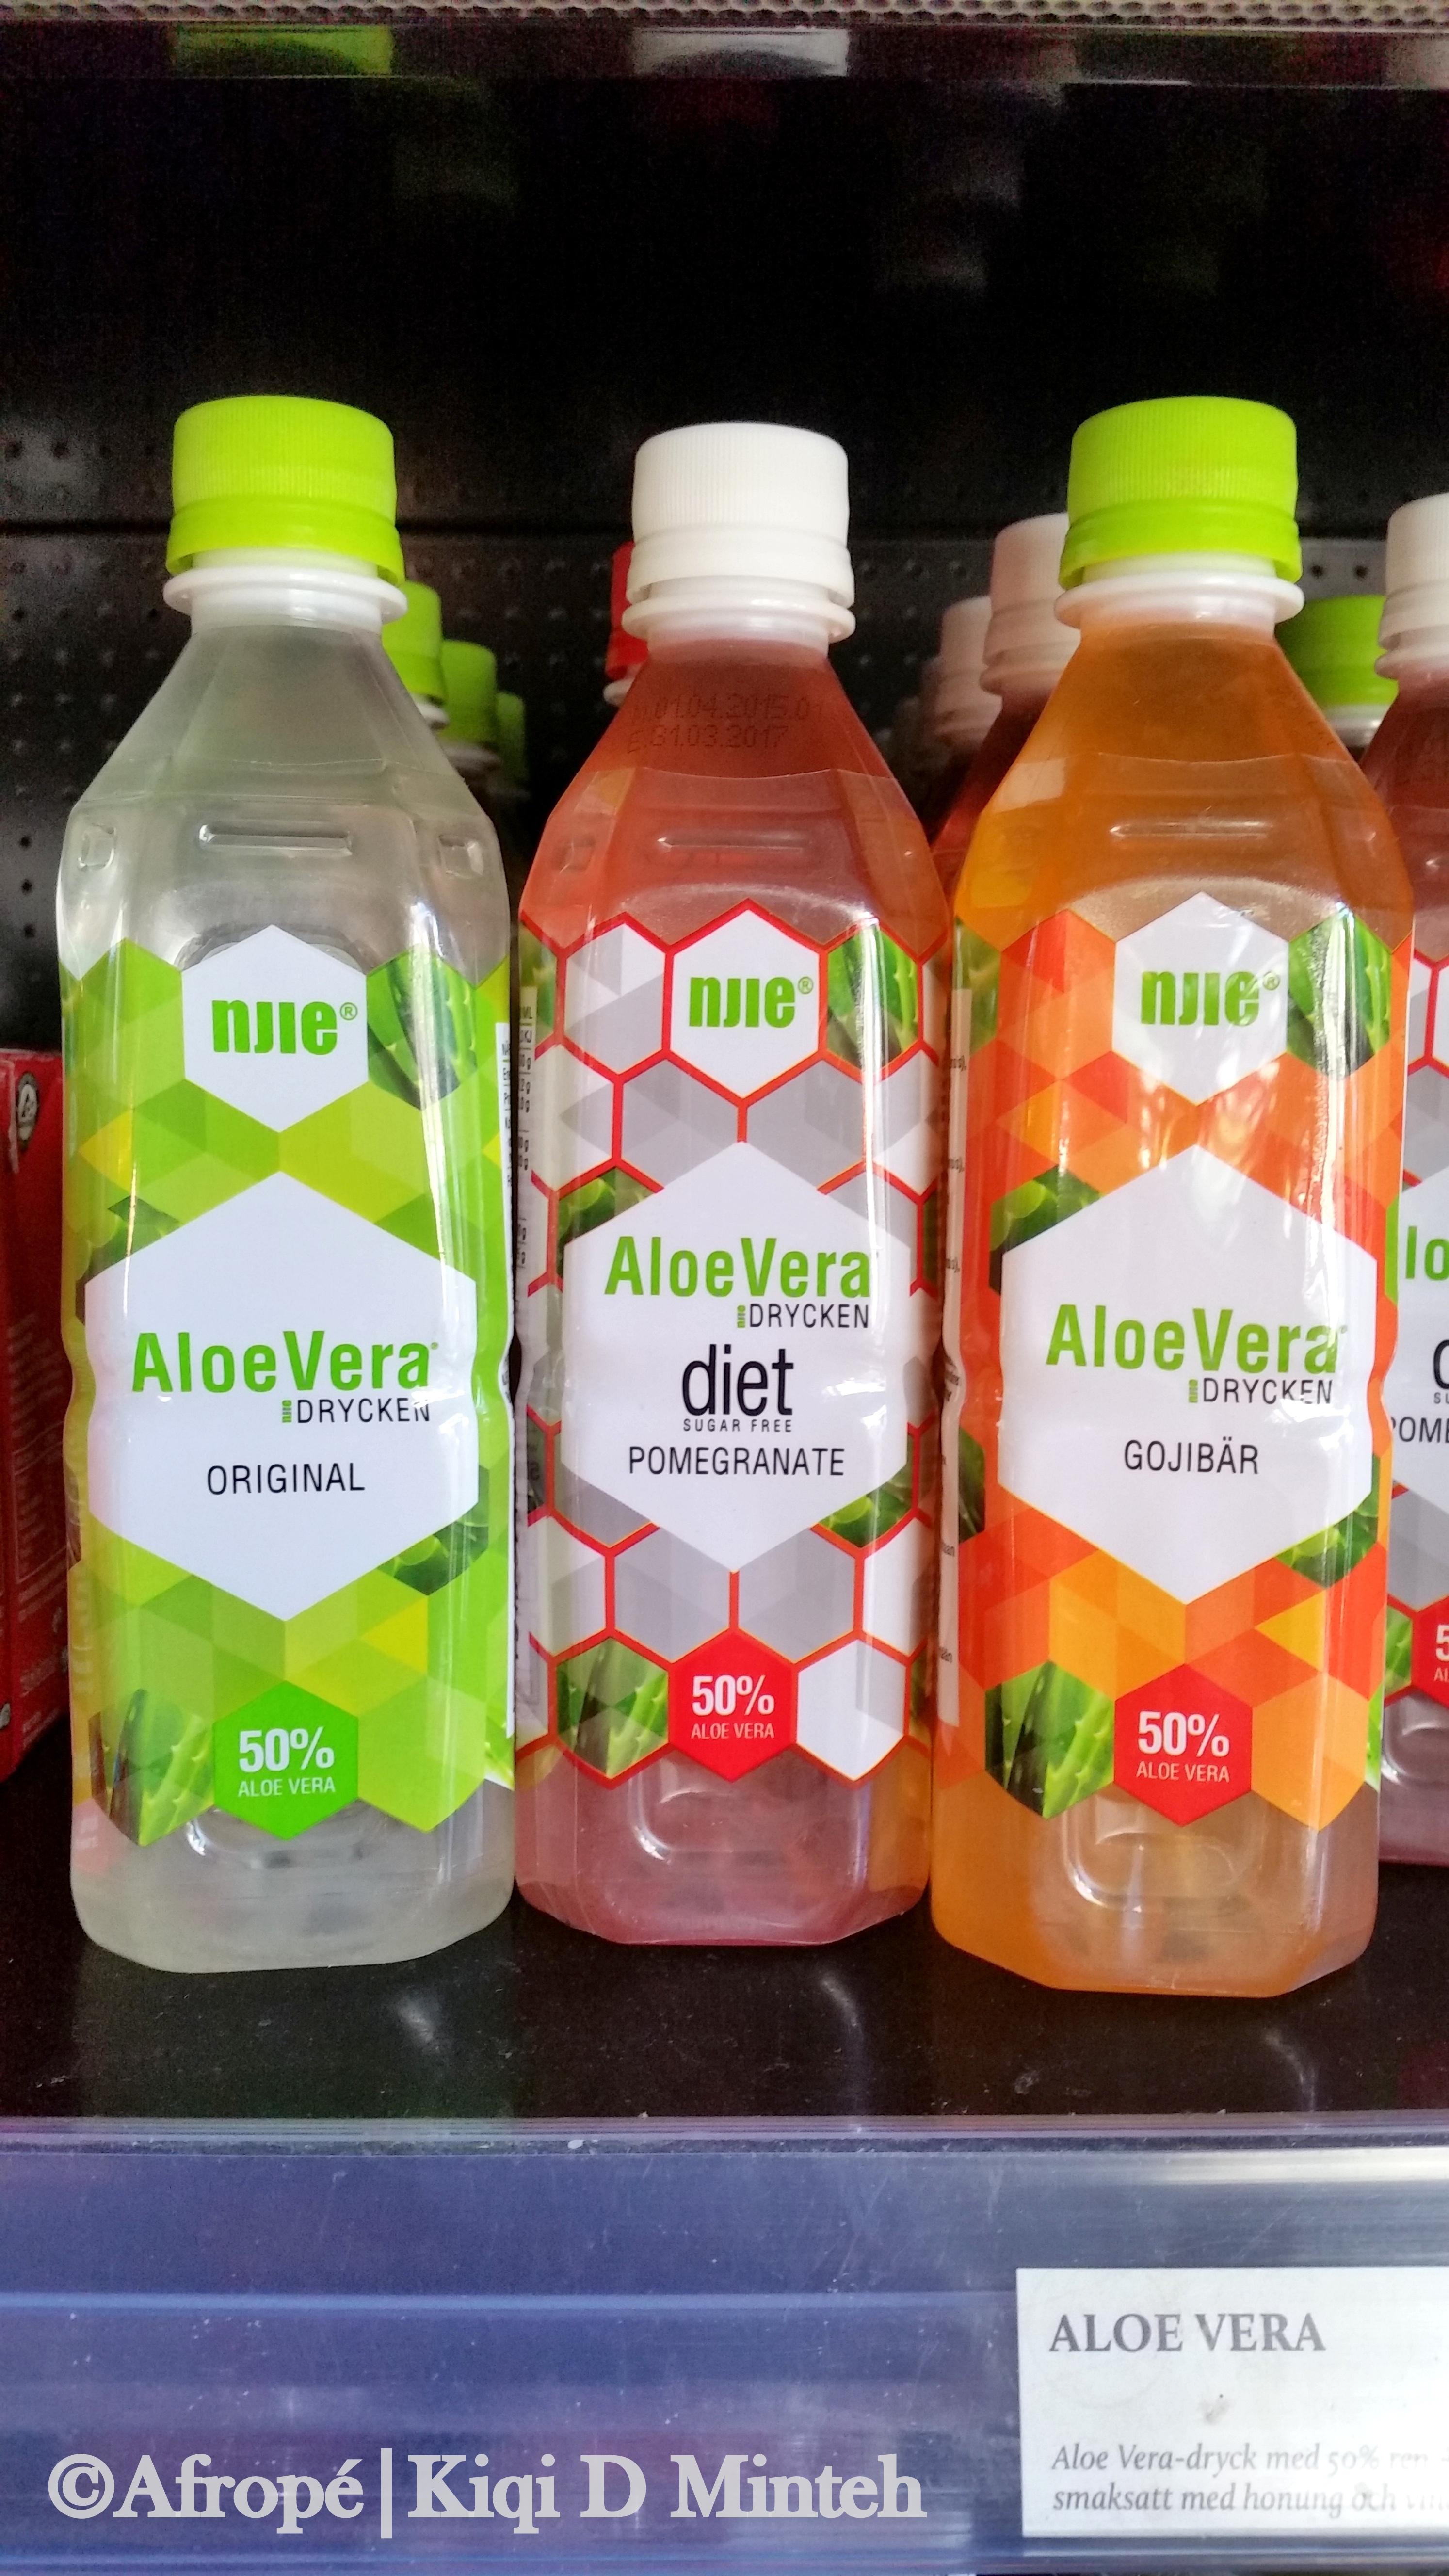 vad är aloe vera dryck bra för